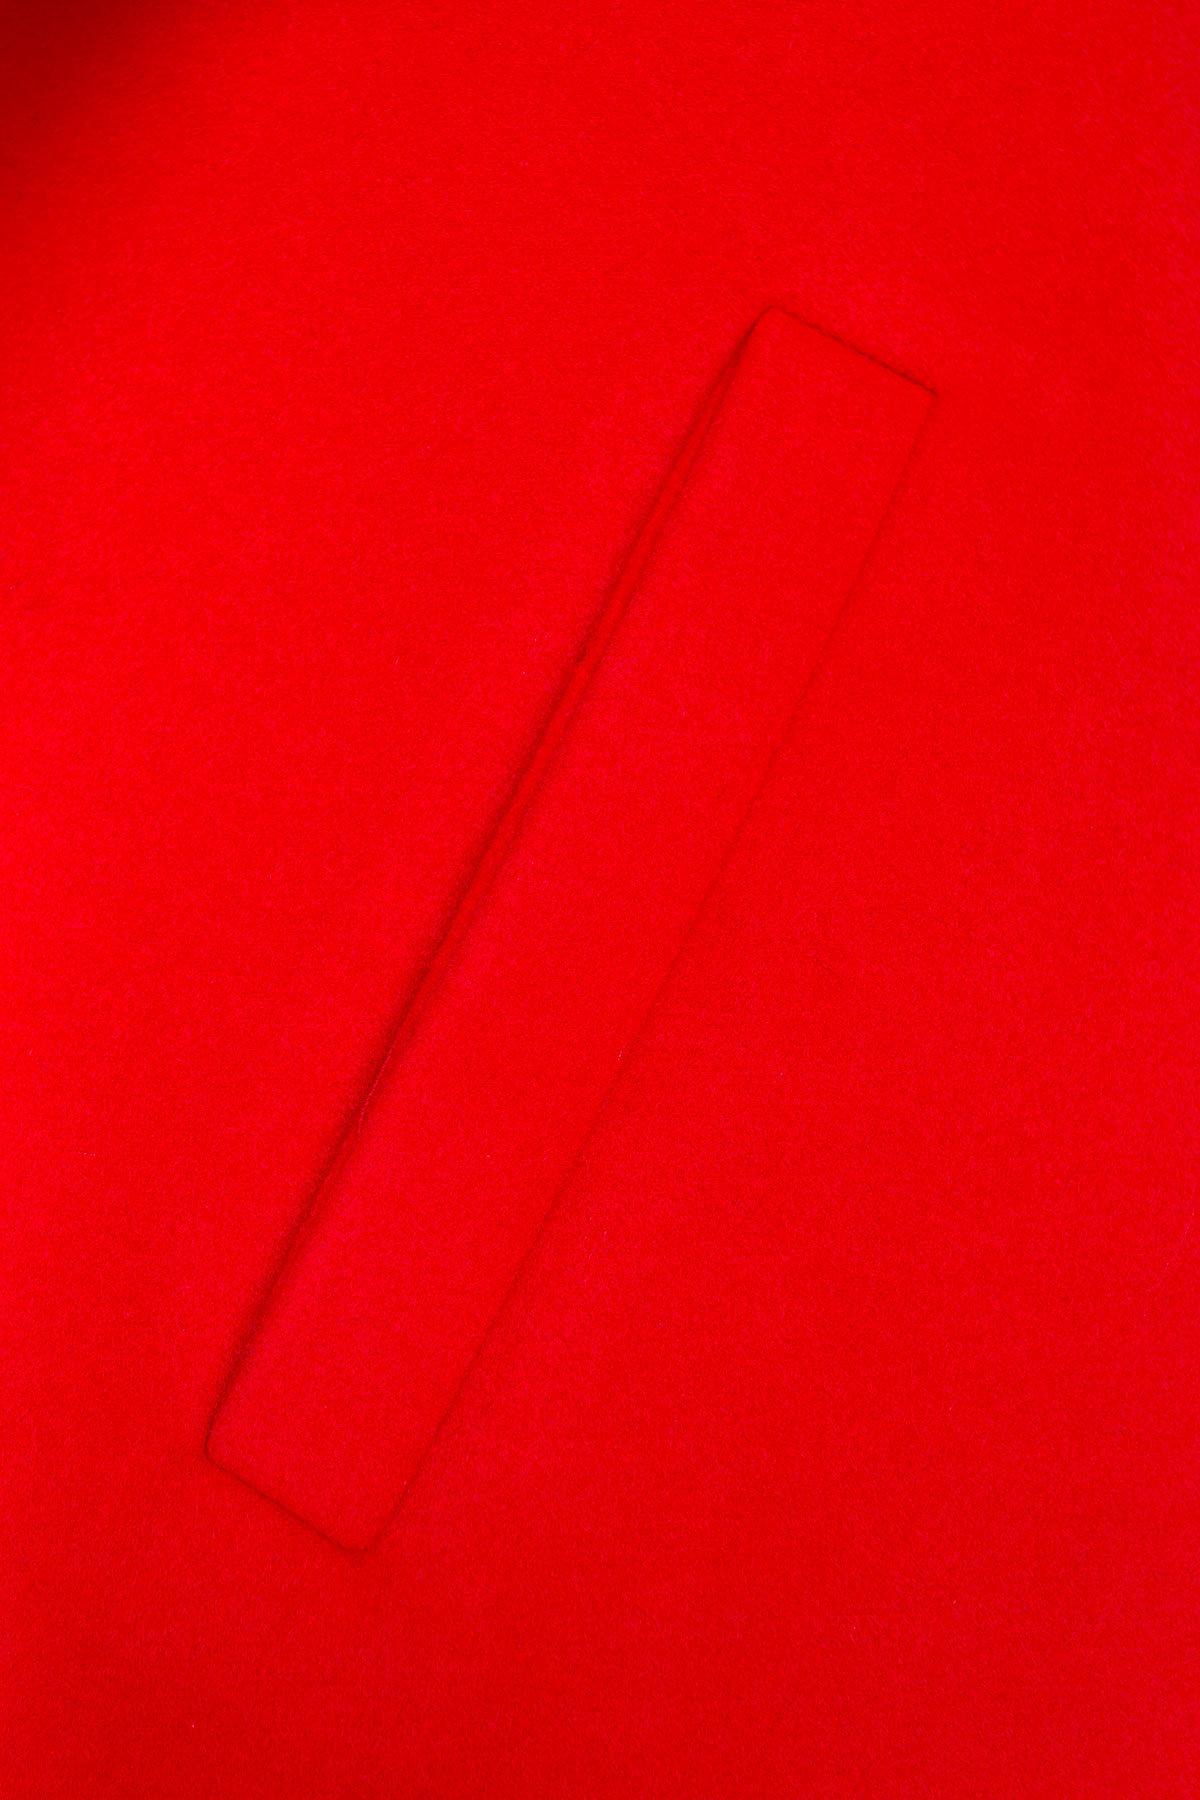 Пальто Фортуна 4812 АРТ. 5342 Цвет: Красный 6 - фото 5, интернет магазин tm-modus.ru